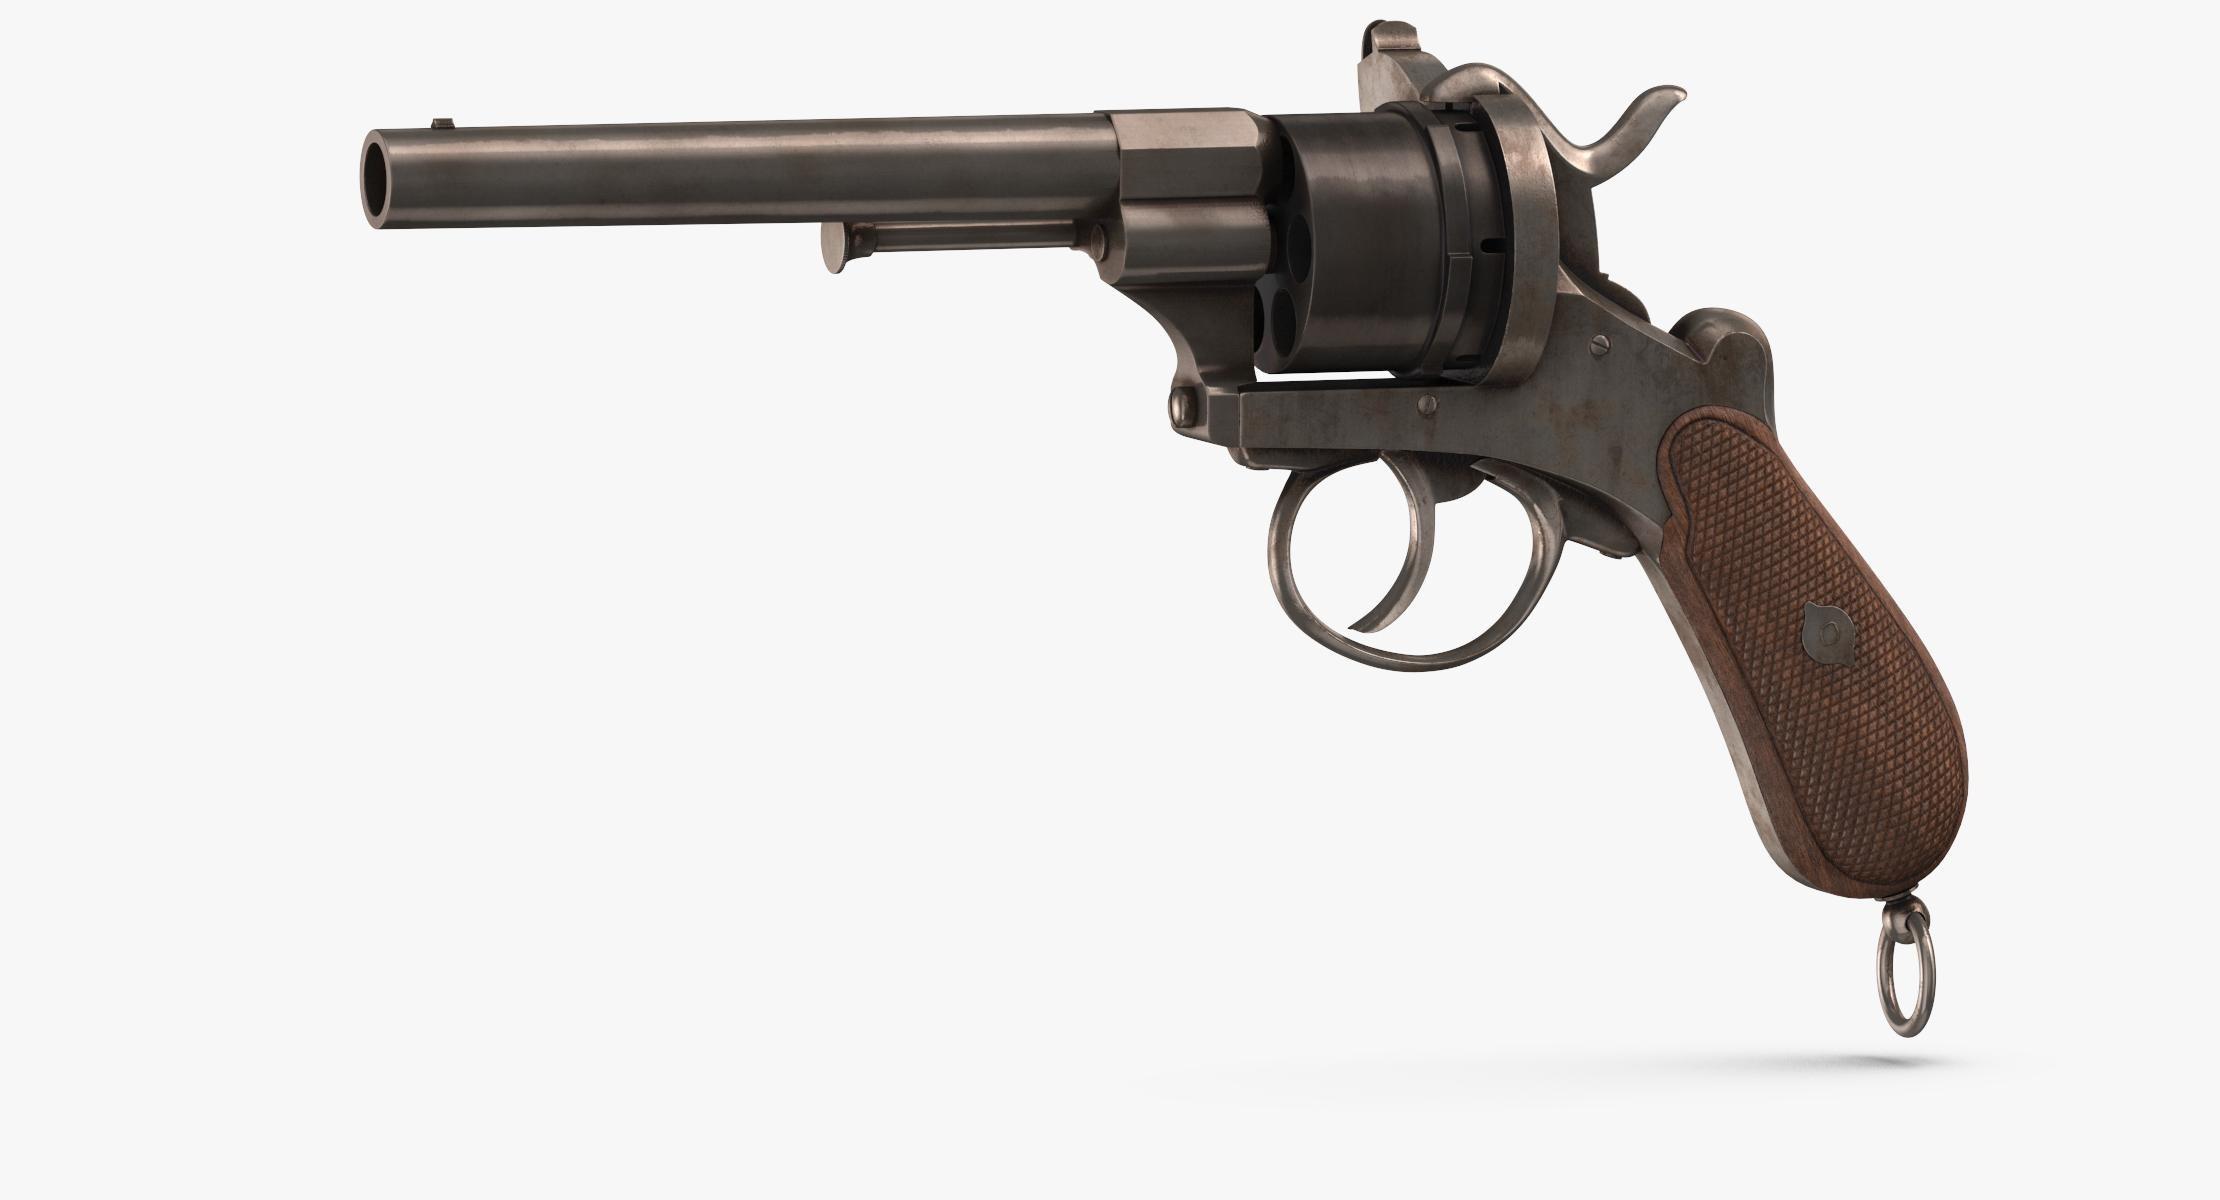 Old Revolver - reel 1